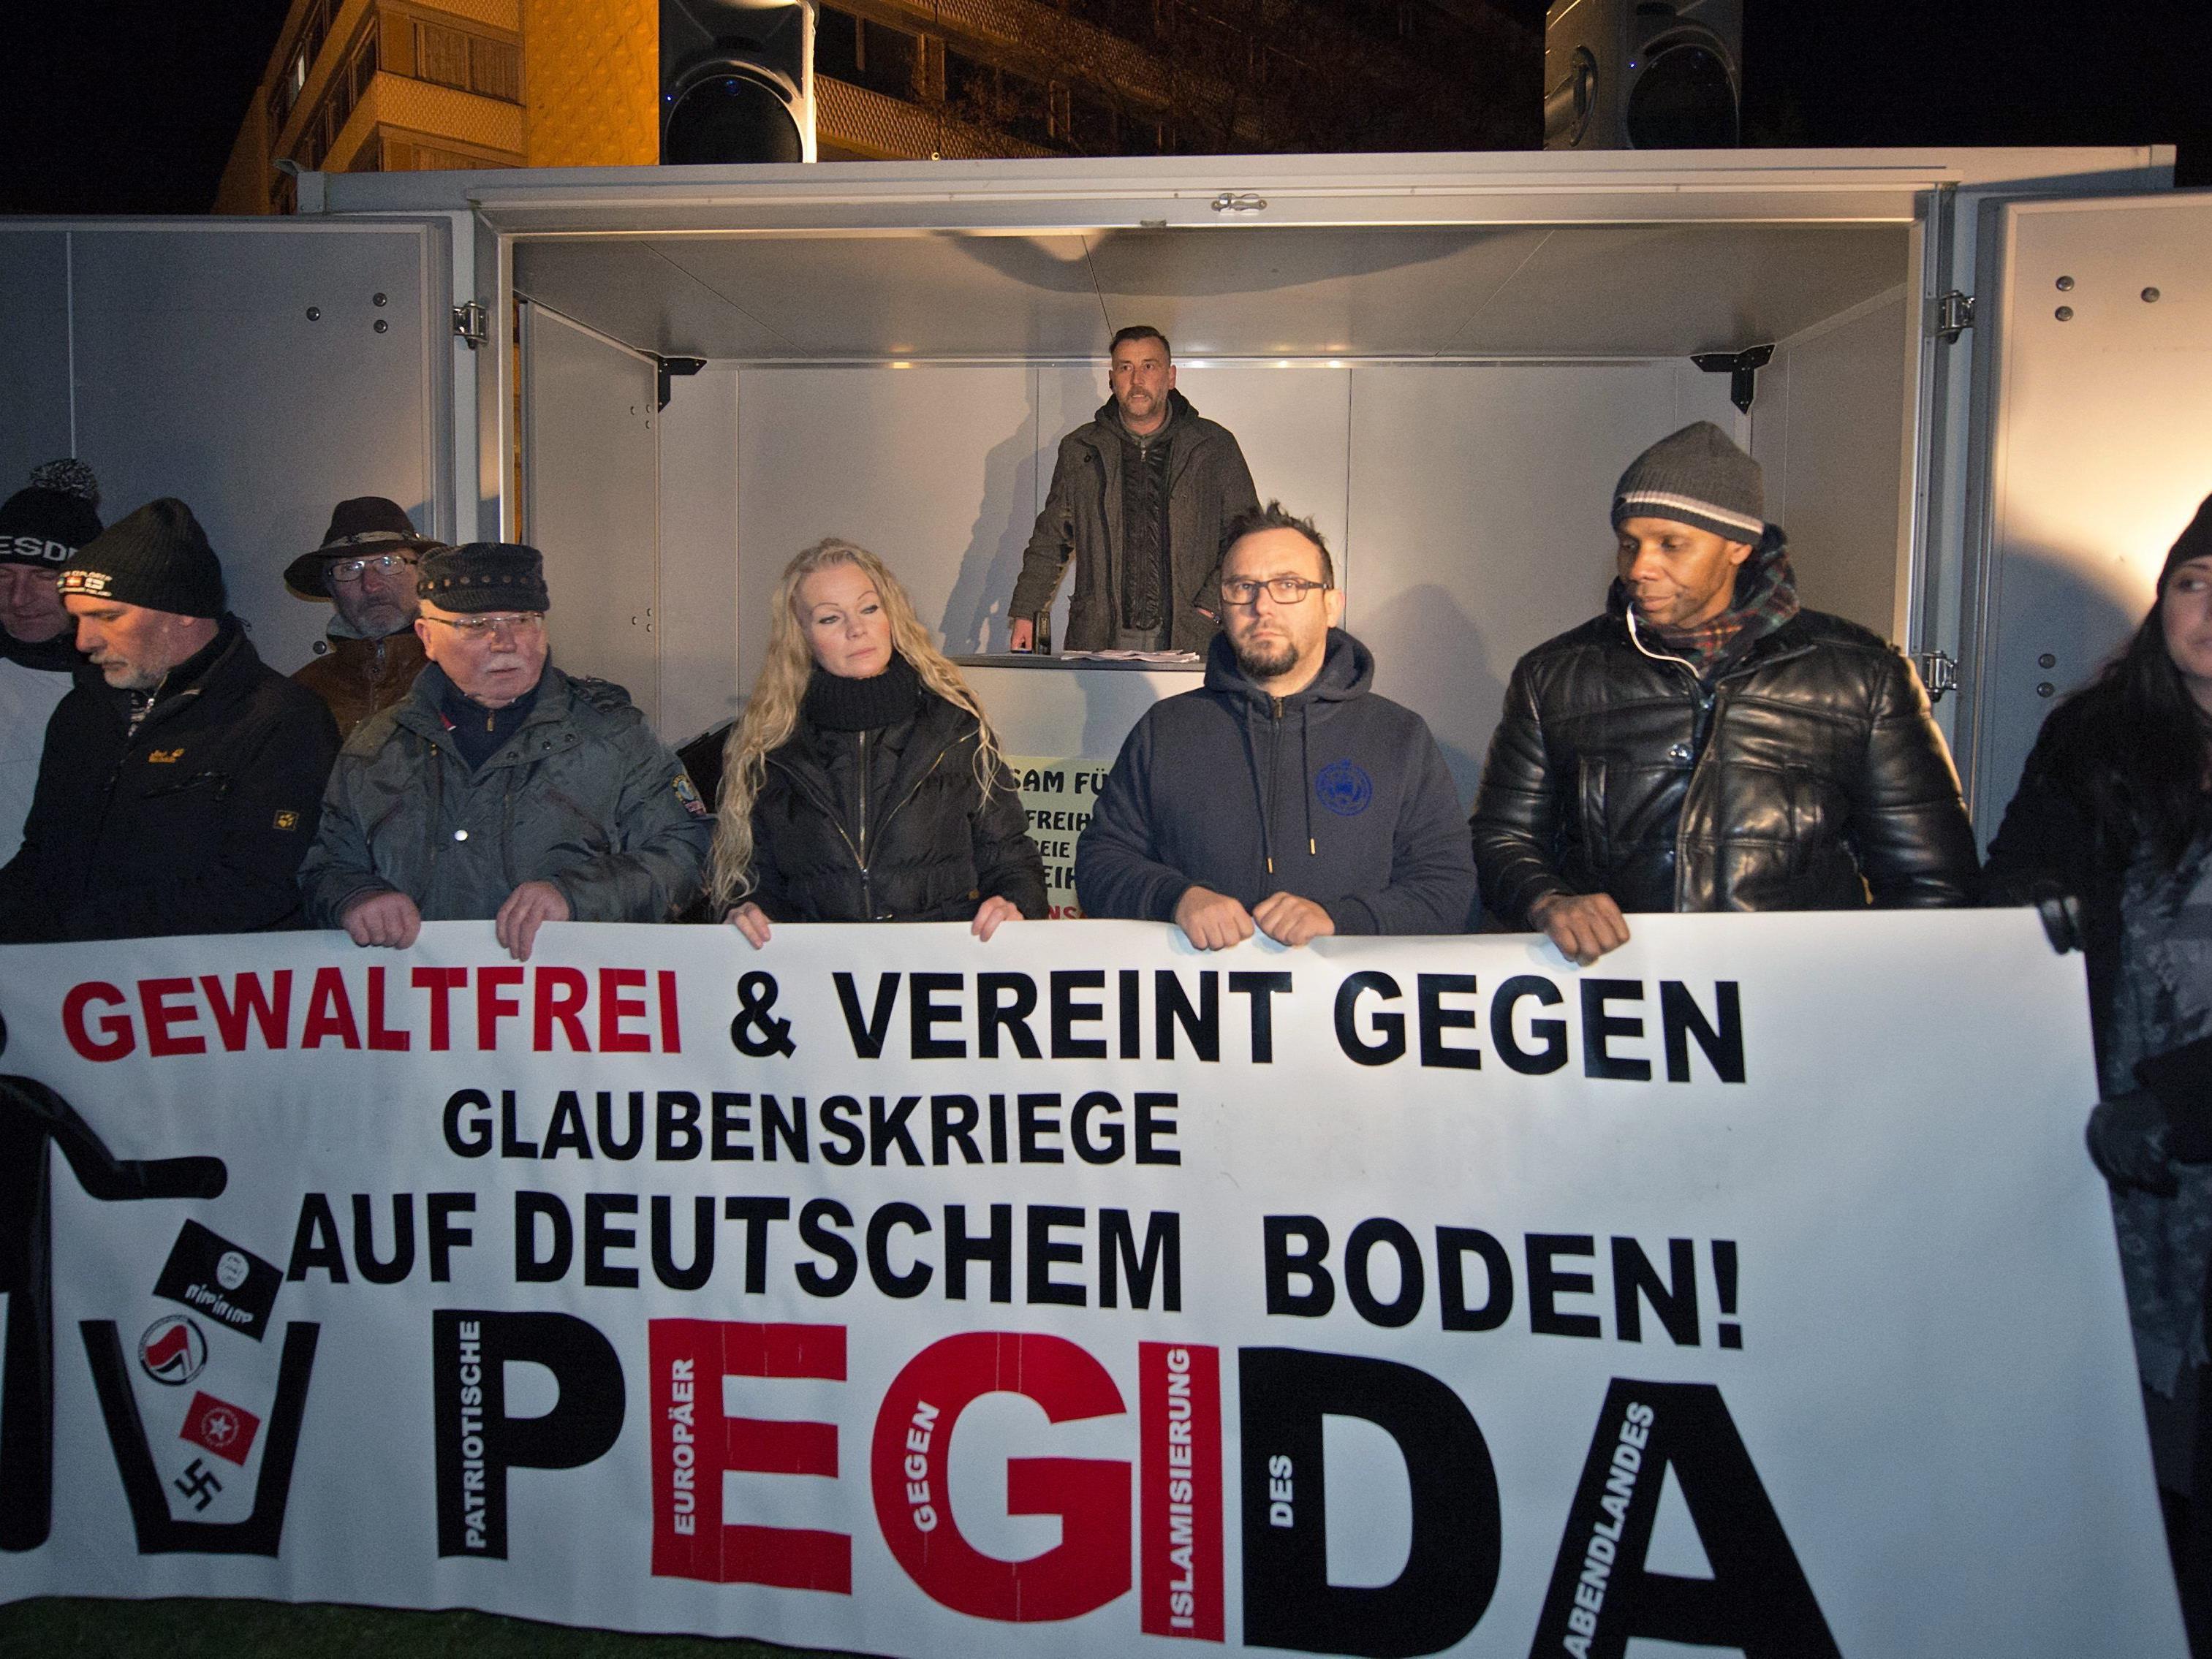 Pegida-Vokabular zum Teil ideologisch sehr bedenklich.